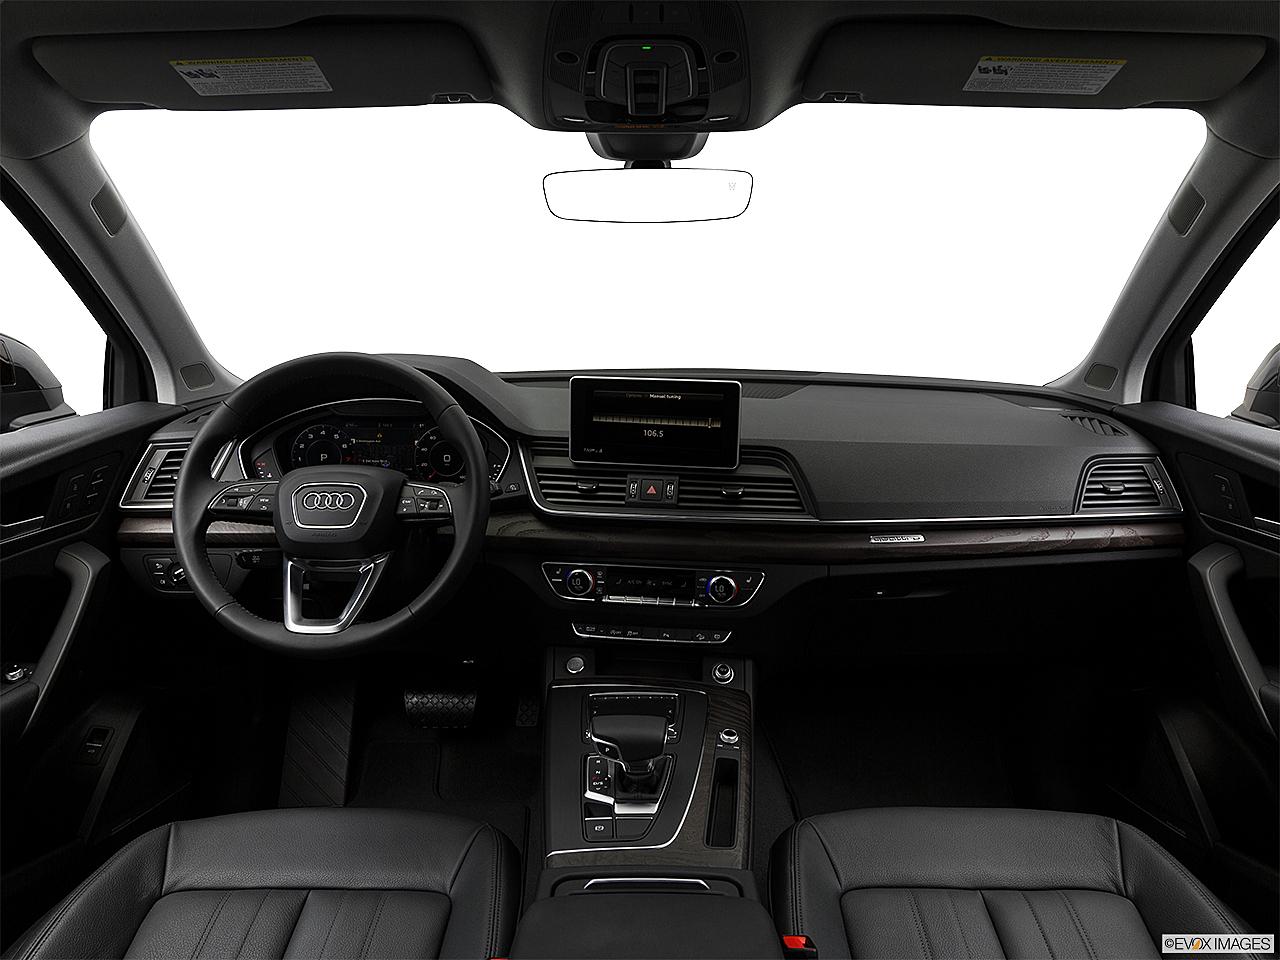 Audi Q AWD T Quattro Premium Plus Dr SUV Research - Audi q5 invoice price 2018